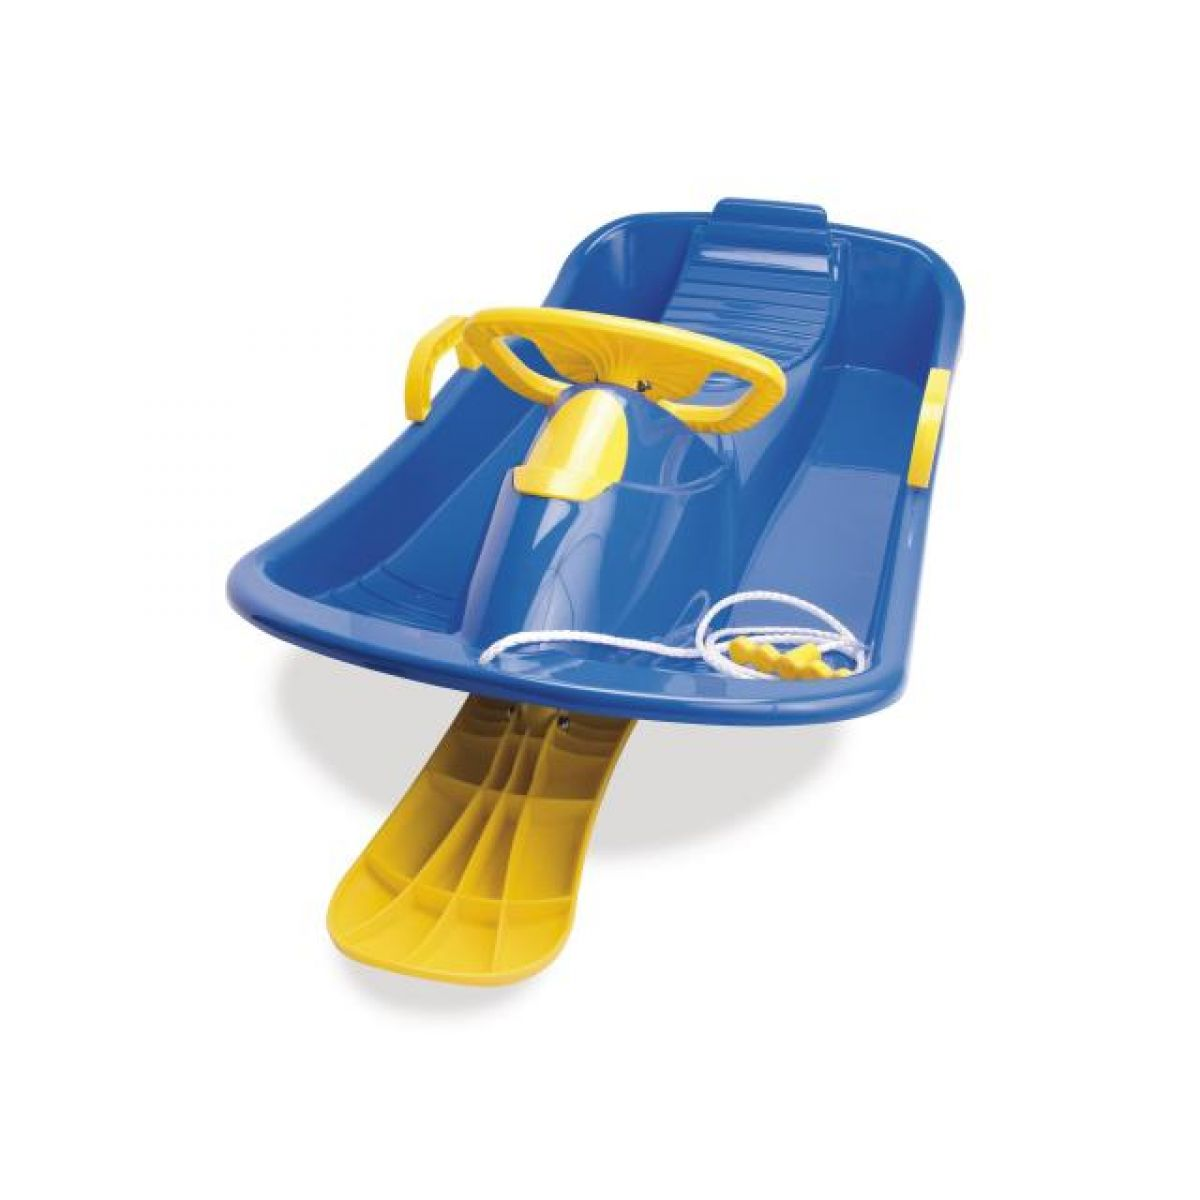 Dantoy Boby s volantem řiditelné - Modrá